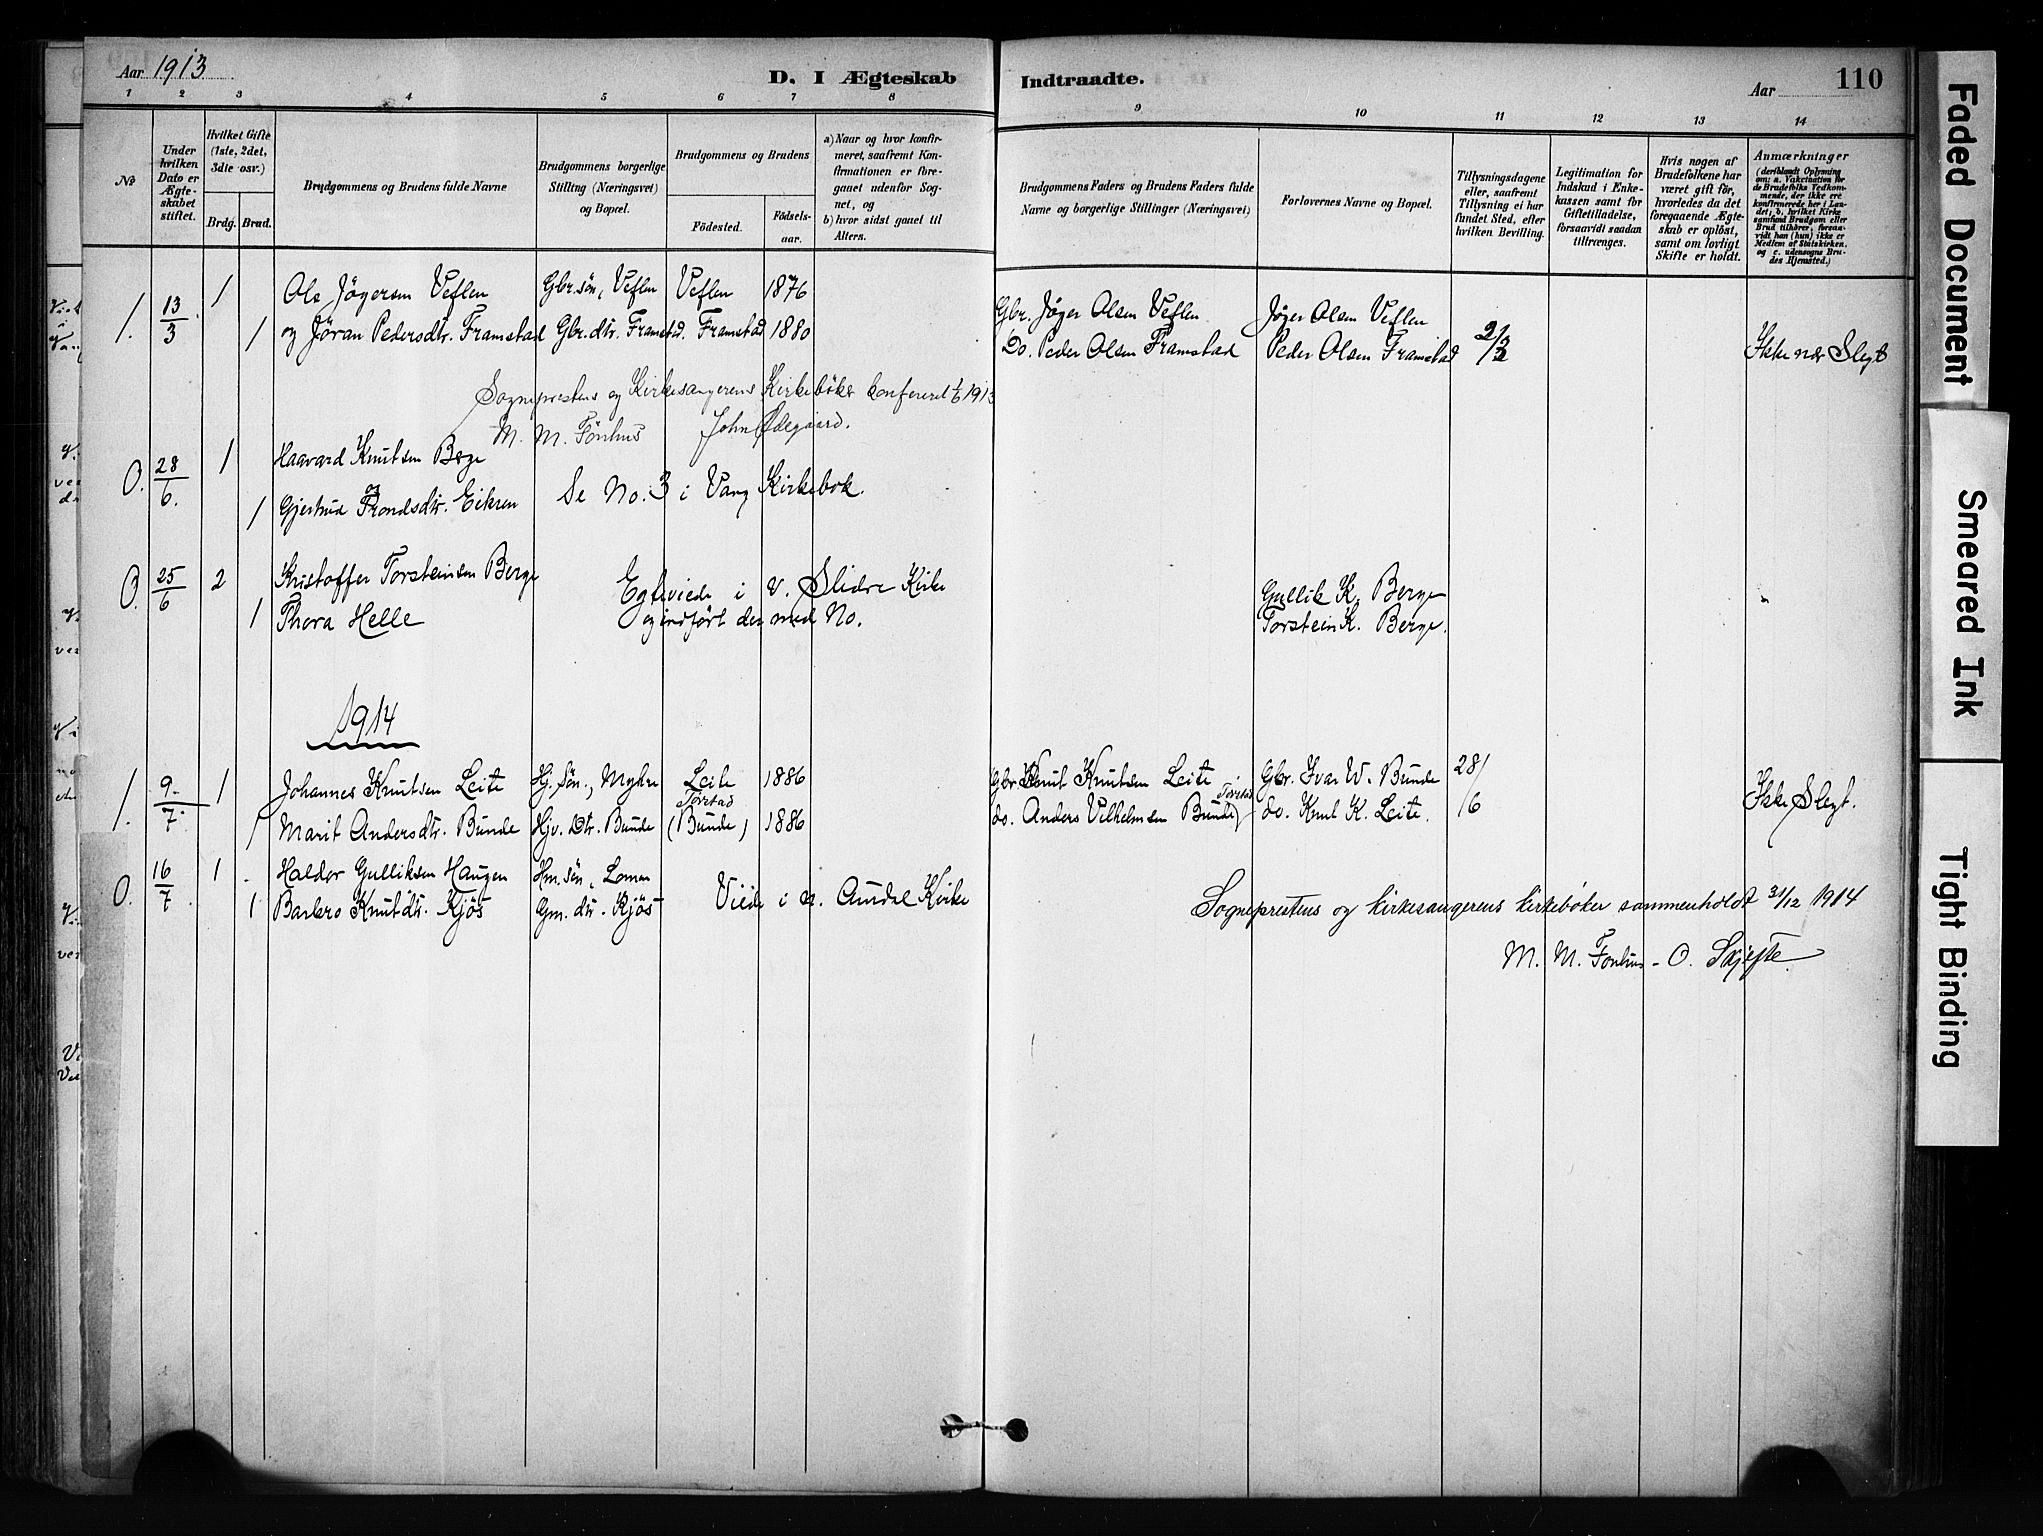 SAH, Vang prestekontor, Valdres, Ministerialbok nr. 9, 1882-1914, s. 110